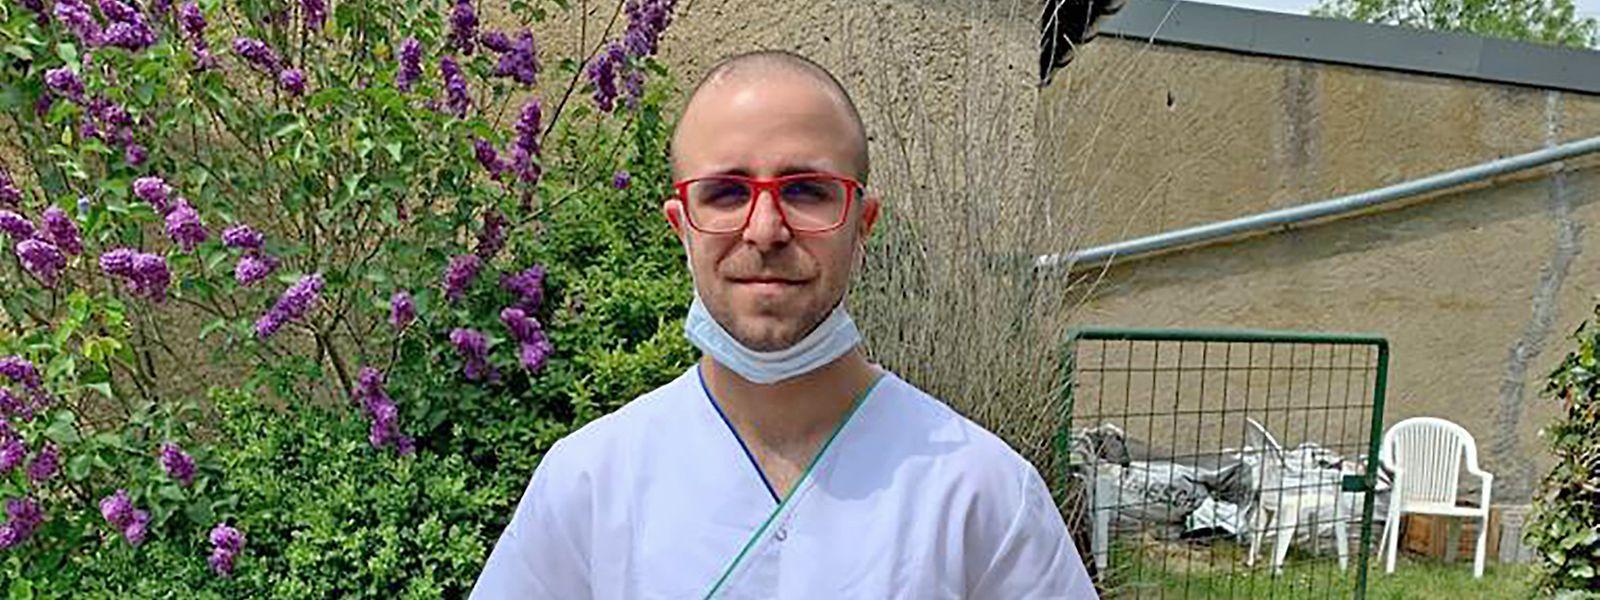 Der angehende Krankenpfleger Ruben Pontes kümmert sich seit vier Wochen im Centre de soins avancés in Belval um die Patienten.